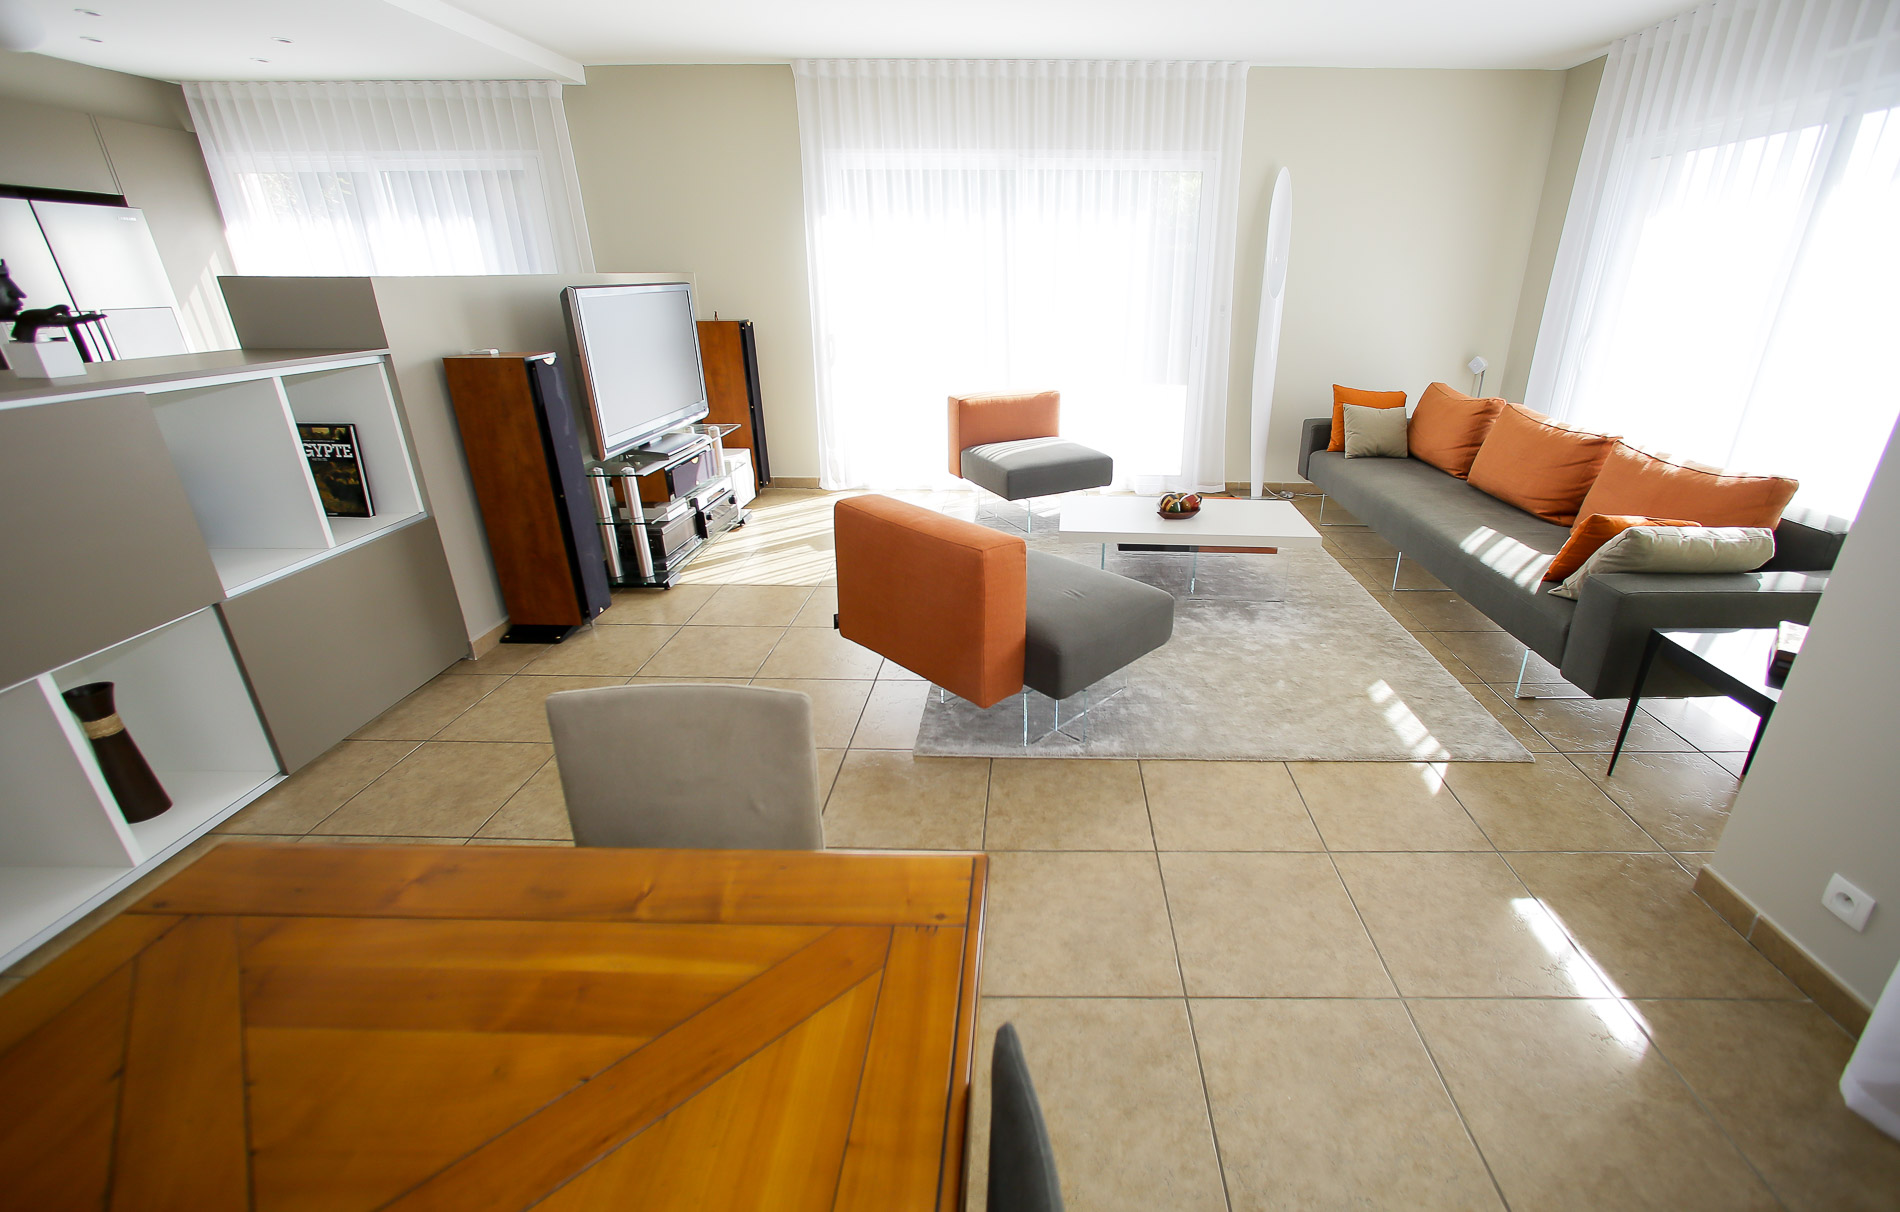 maison saint tienne d coratrice d 39 int rieurs am nagement salle manger salon mobiliers. Black Bedroom Furniture Sets. Home Design Ideas